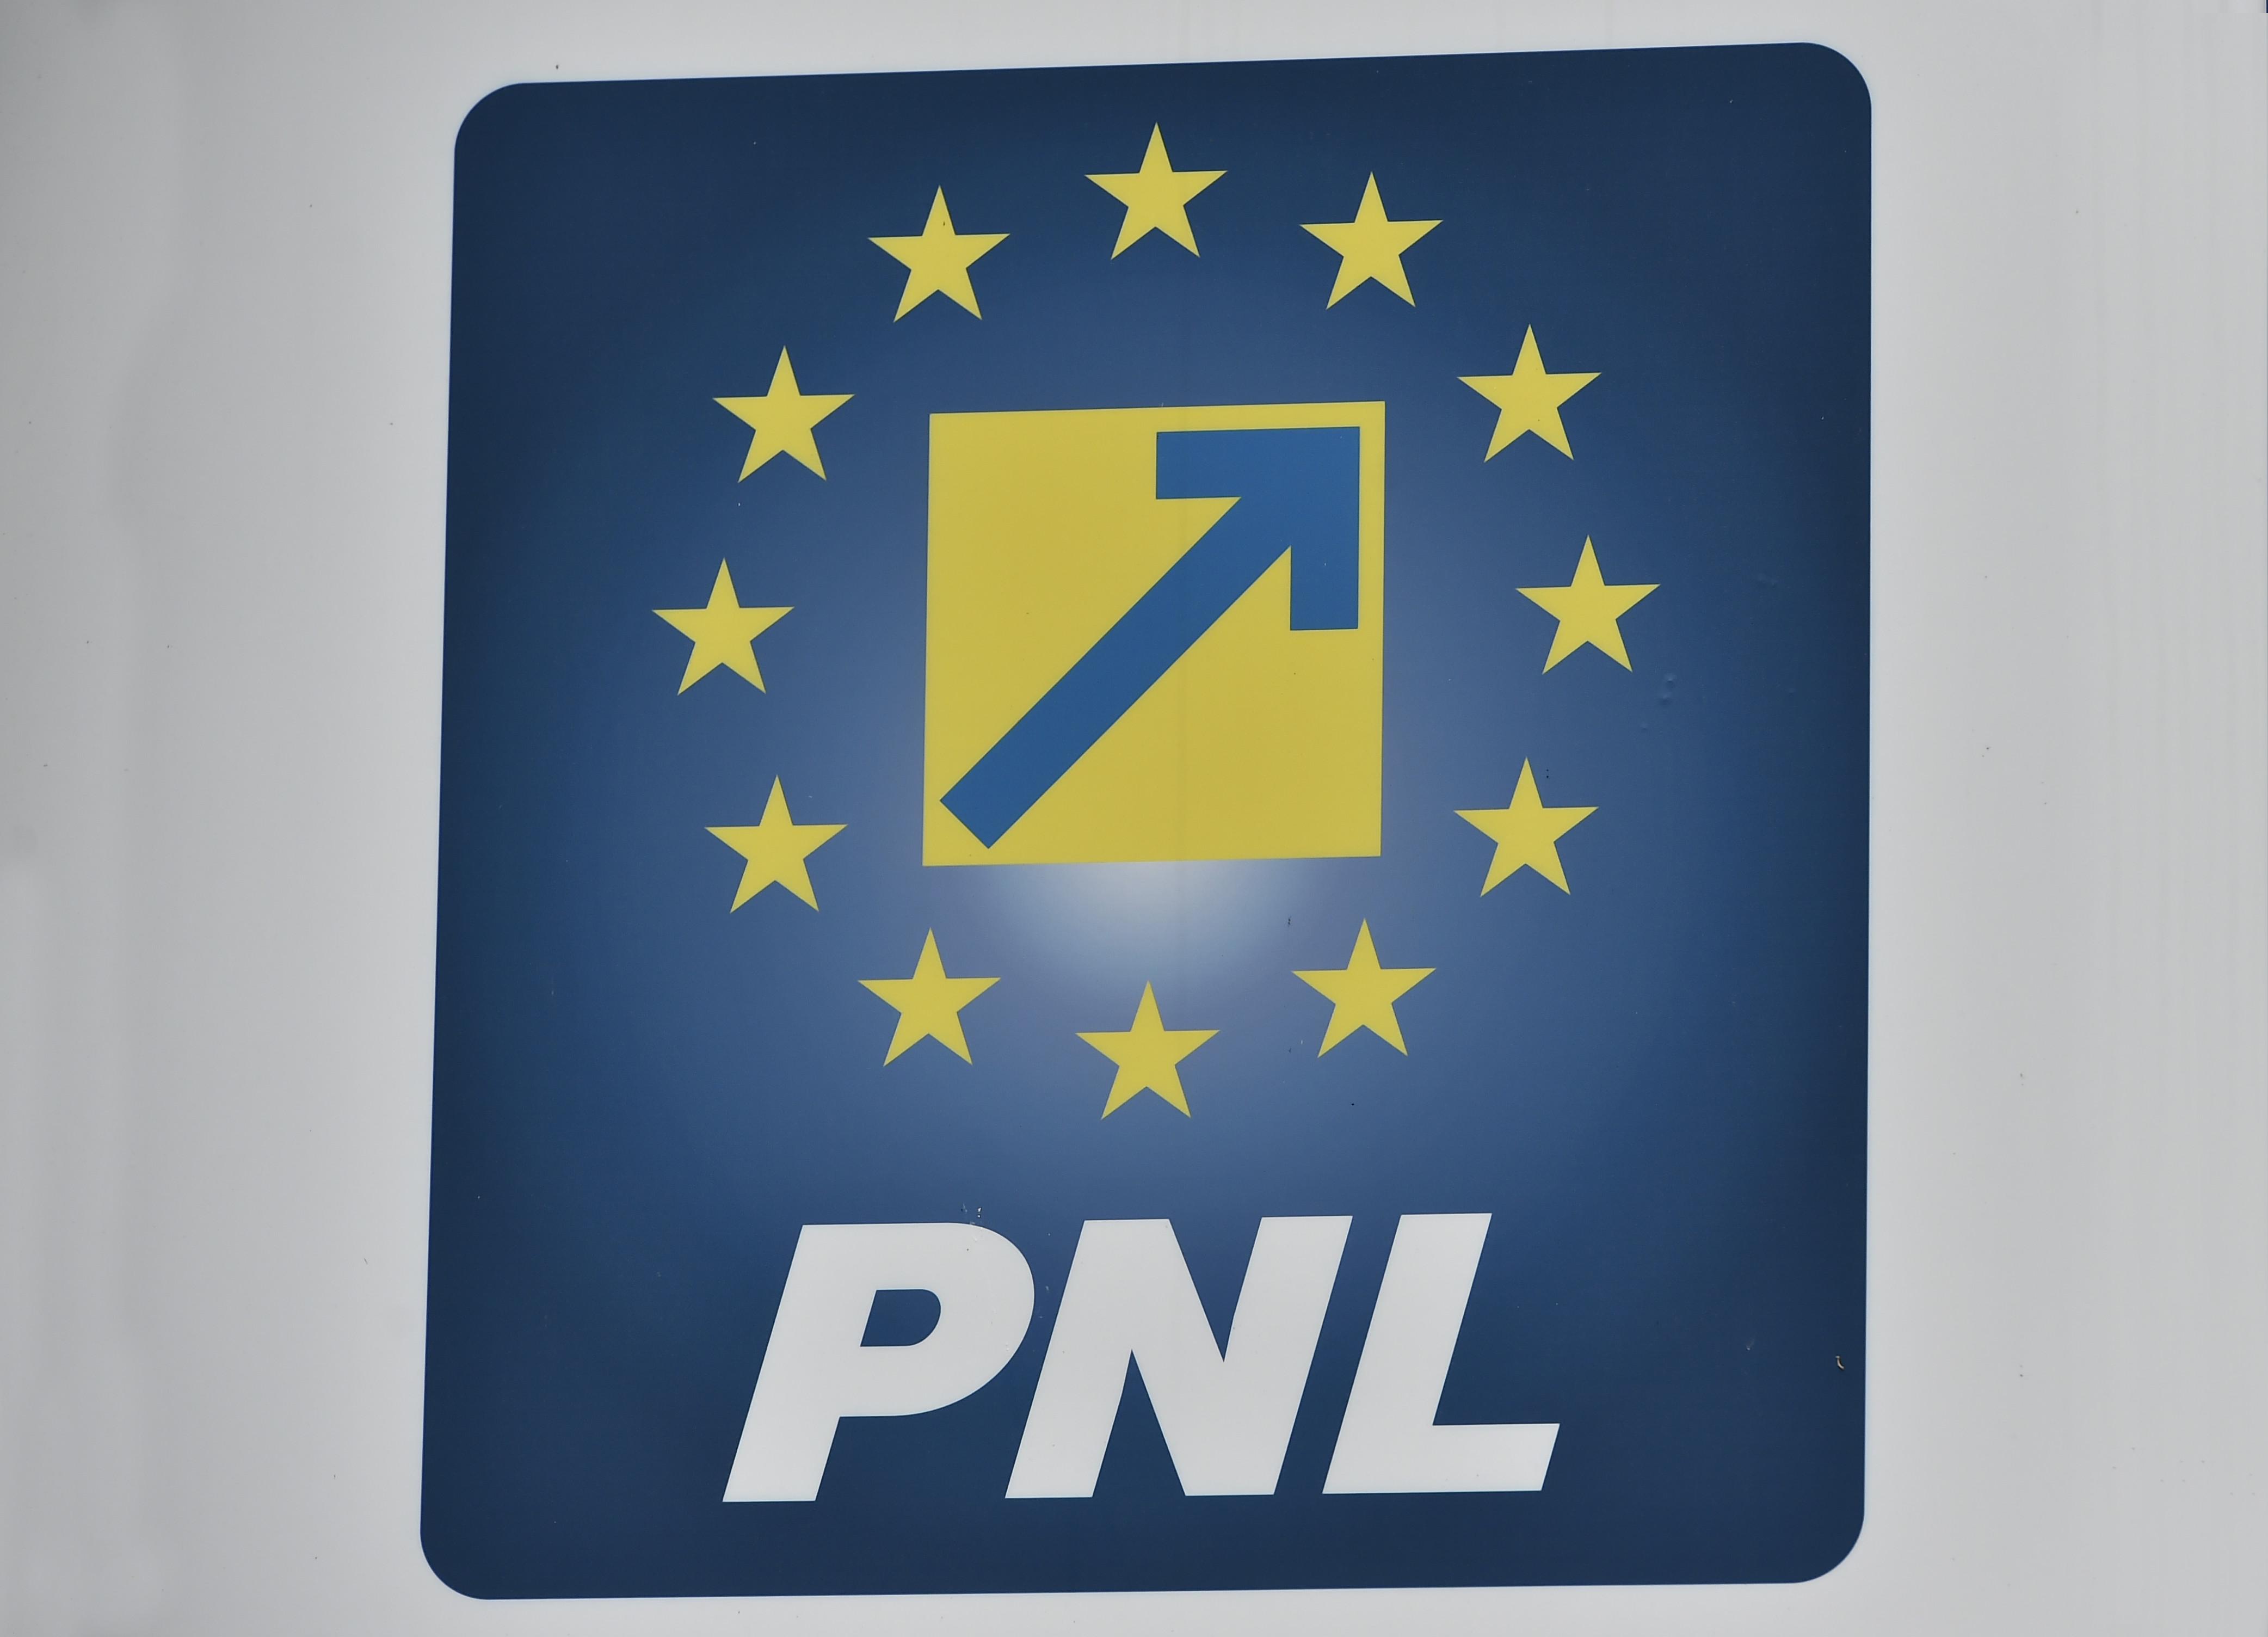 """PNL cere USR-PLUS să renunțe """"imediat"""" la colaborarea cu AUR, """"formaţiune extremistă"""""""